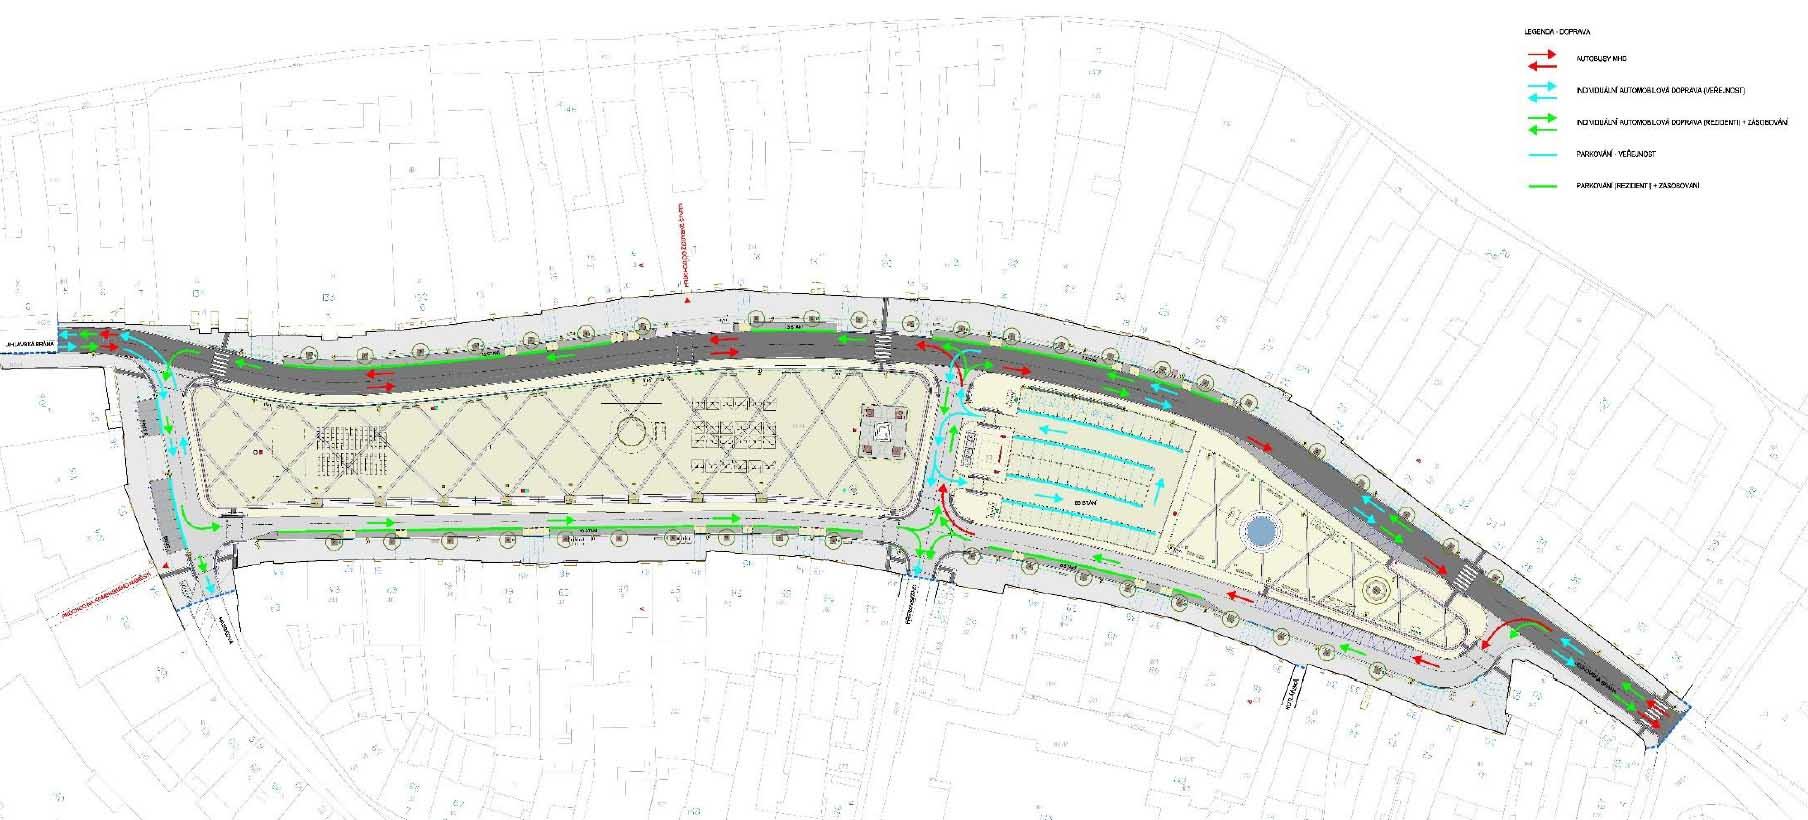 Revitalizace Karlova náměstí - dopravní schéma s vysvětlivkami